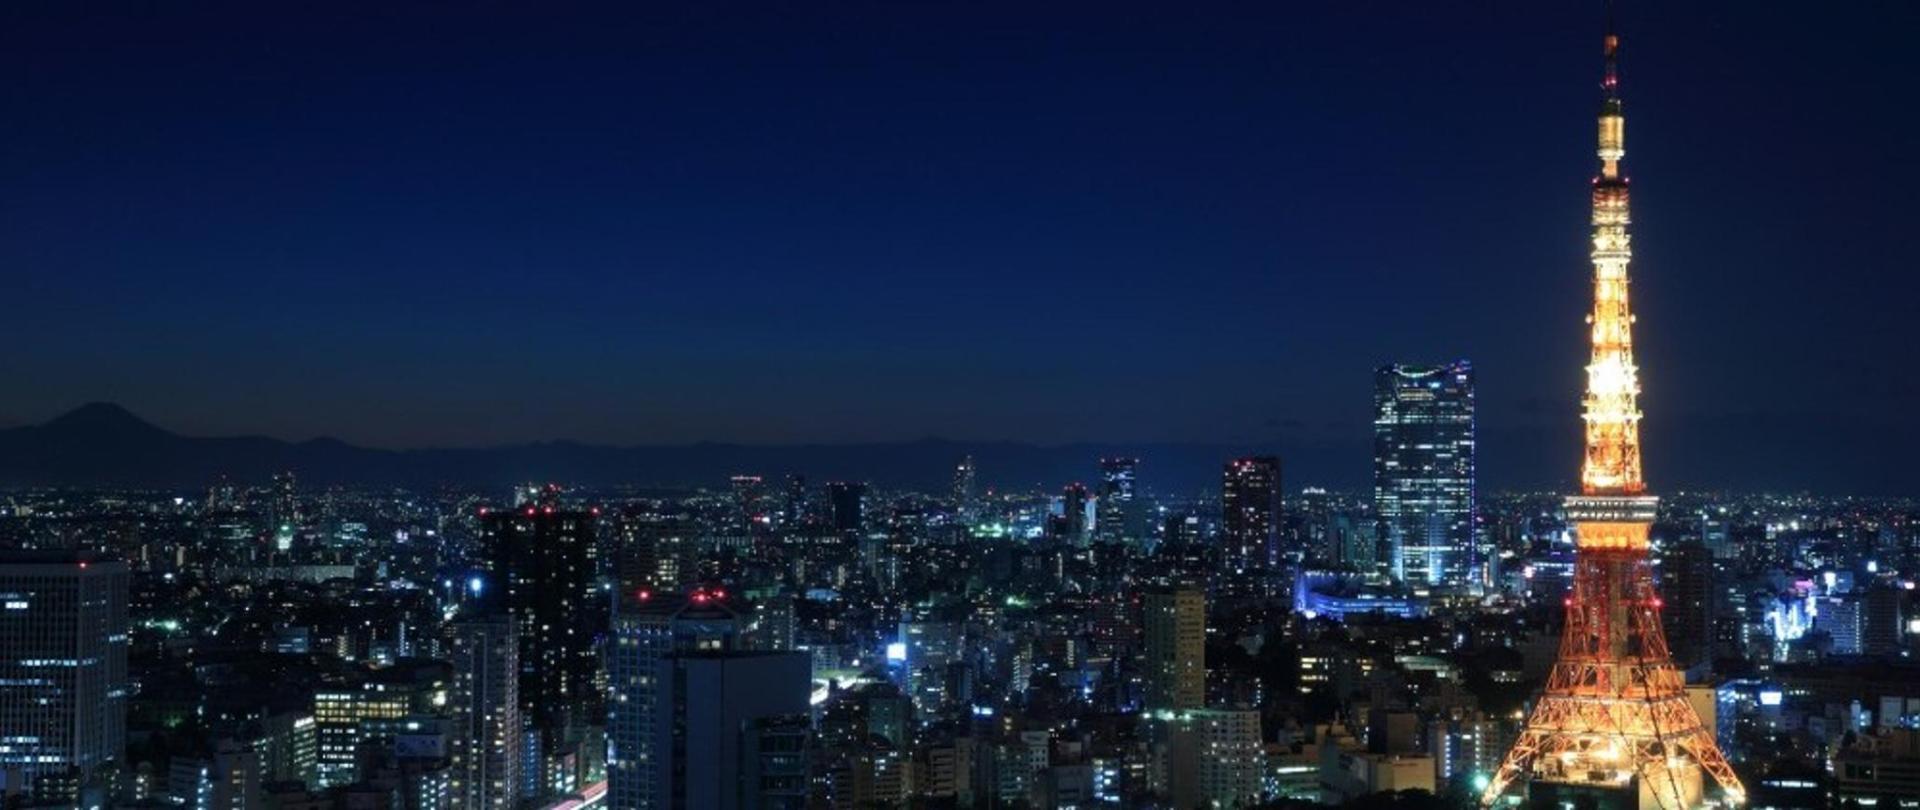 도쿄 타워 야경 .jpg